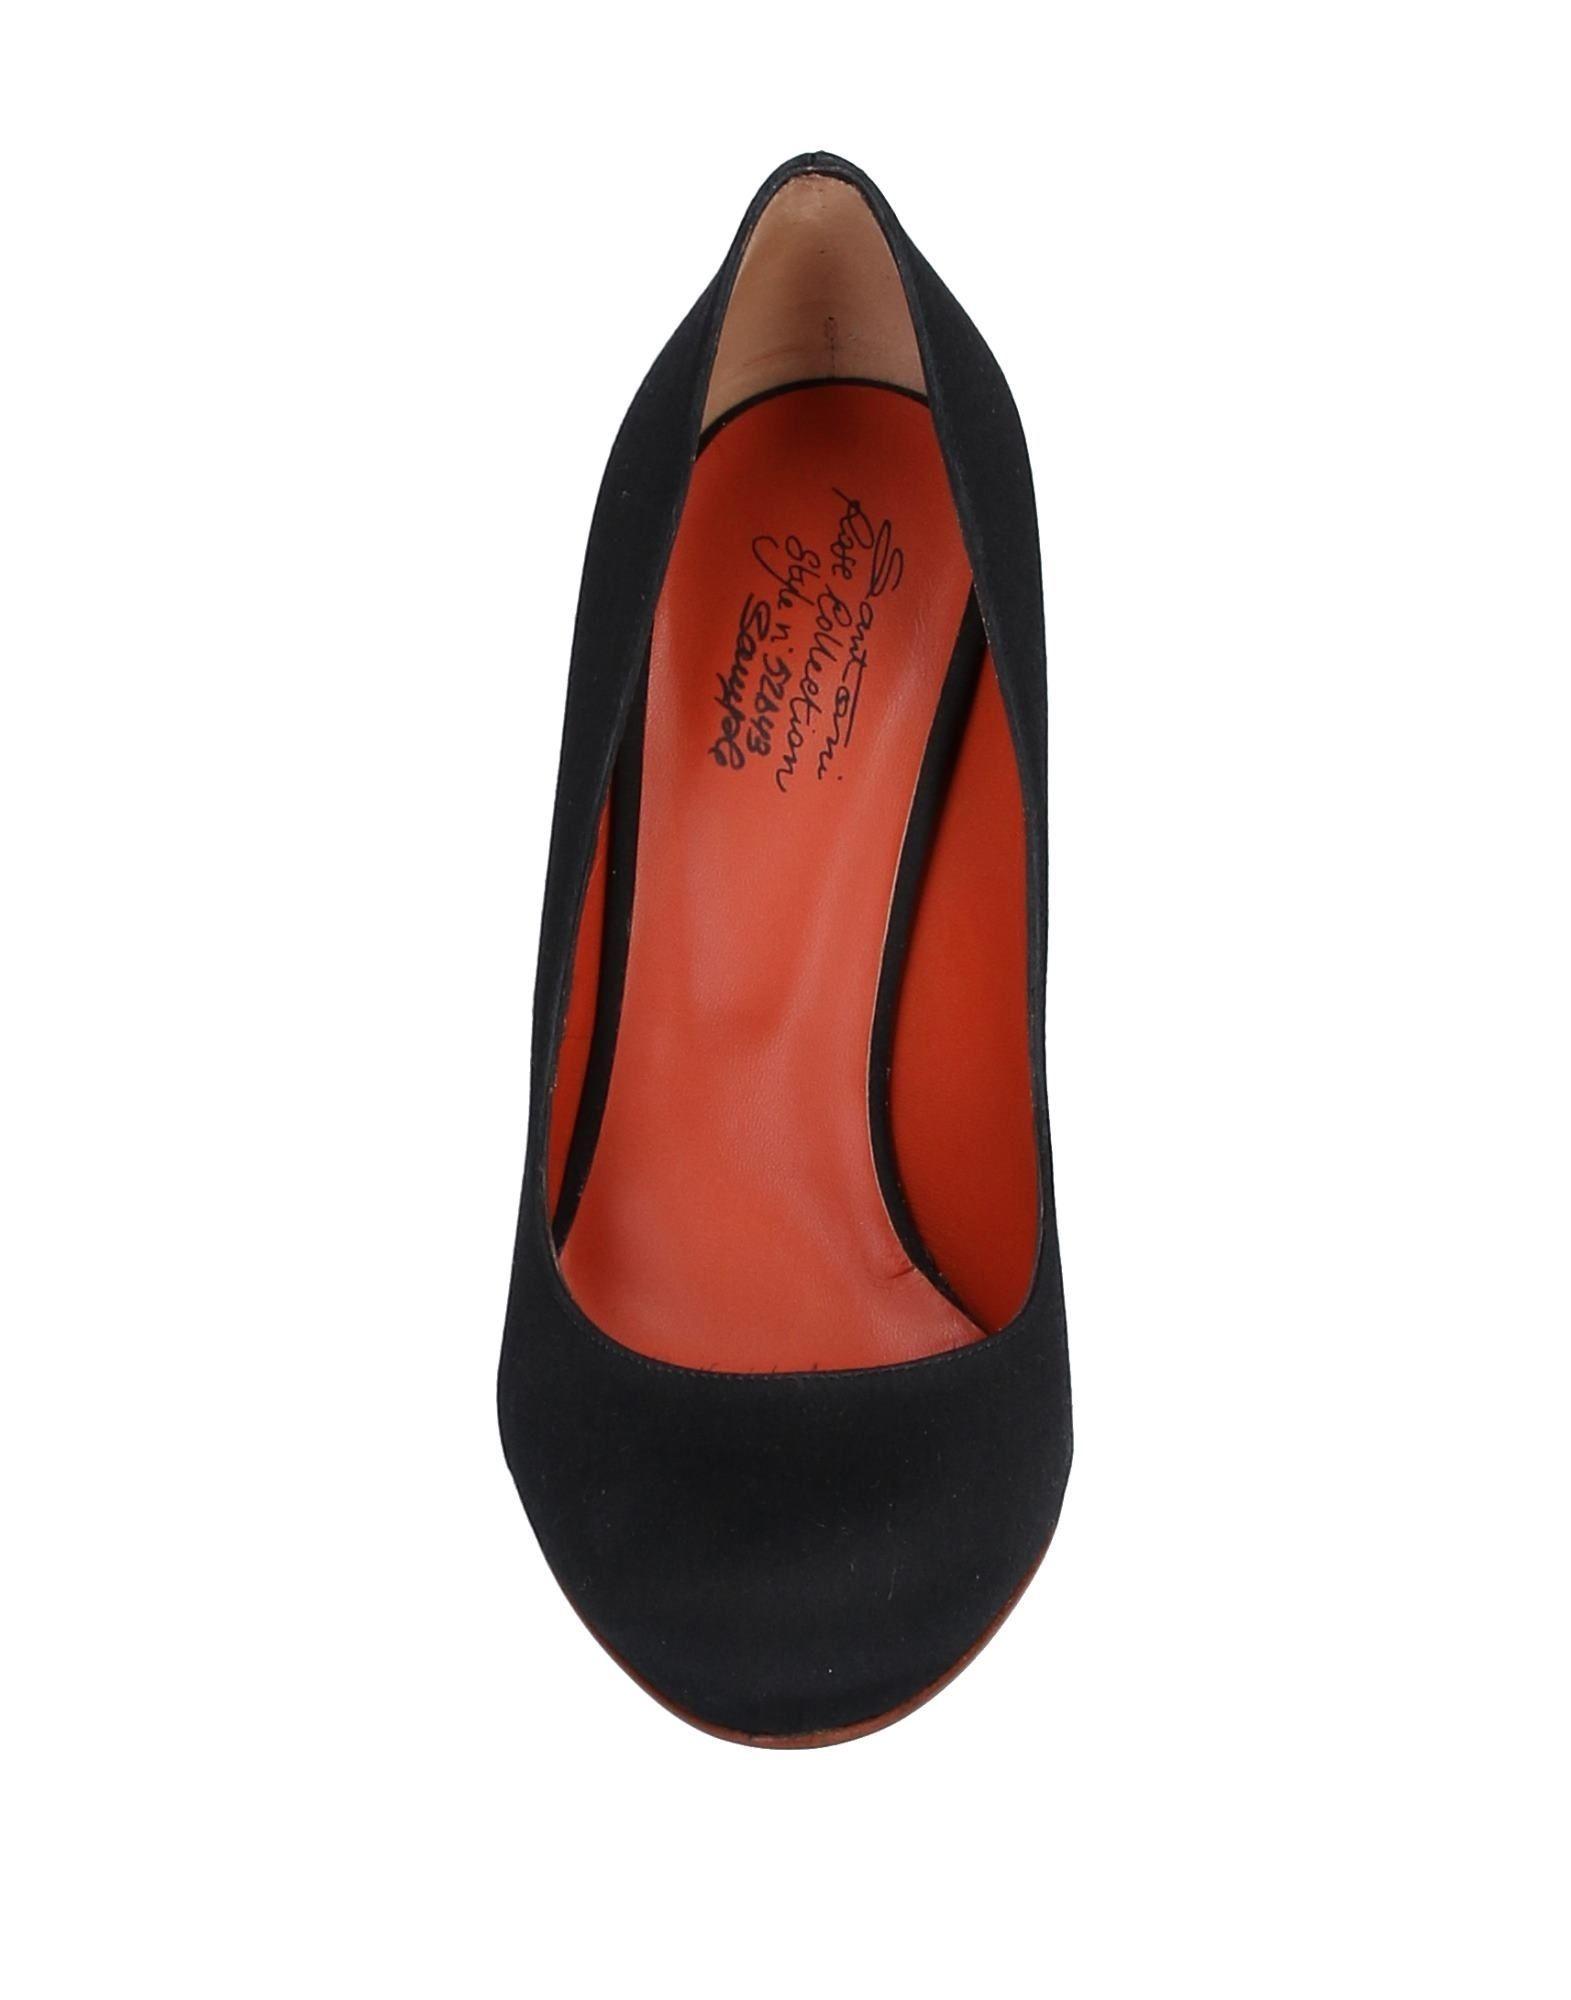 Zapatos de salón Santoni de Raso de color Negro